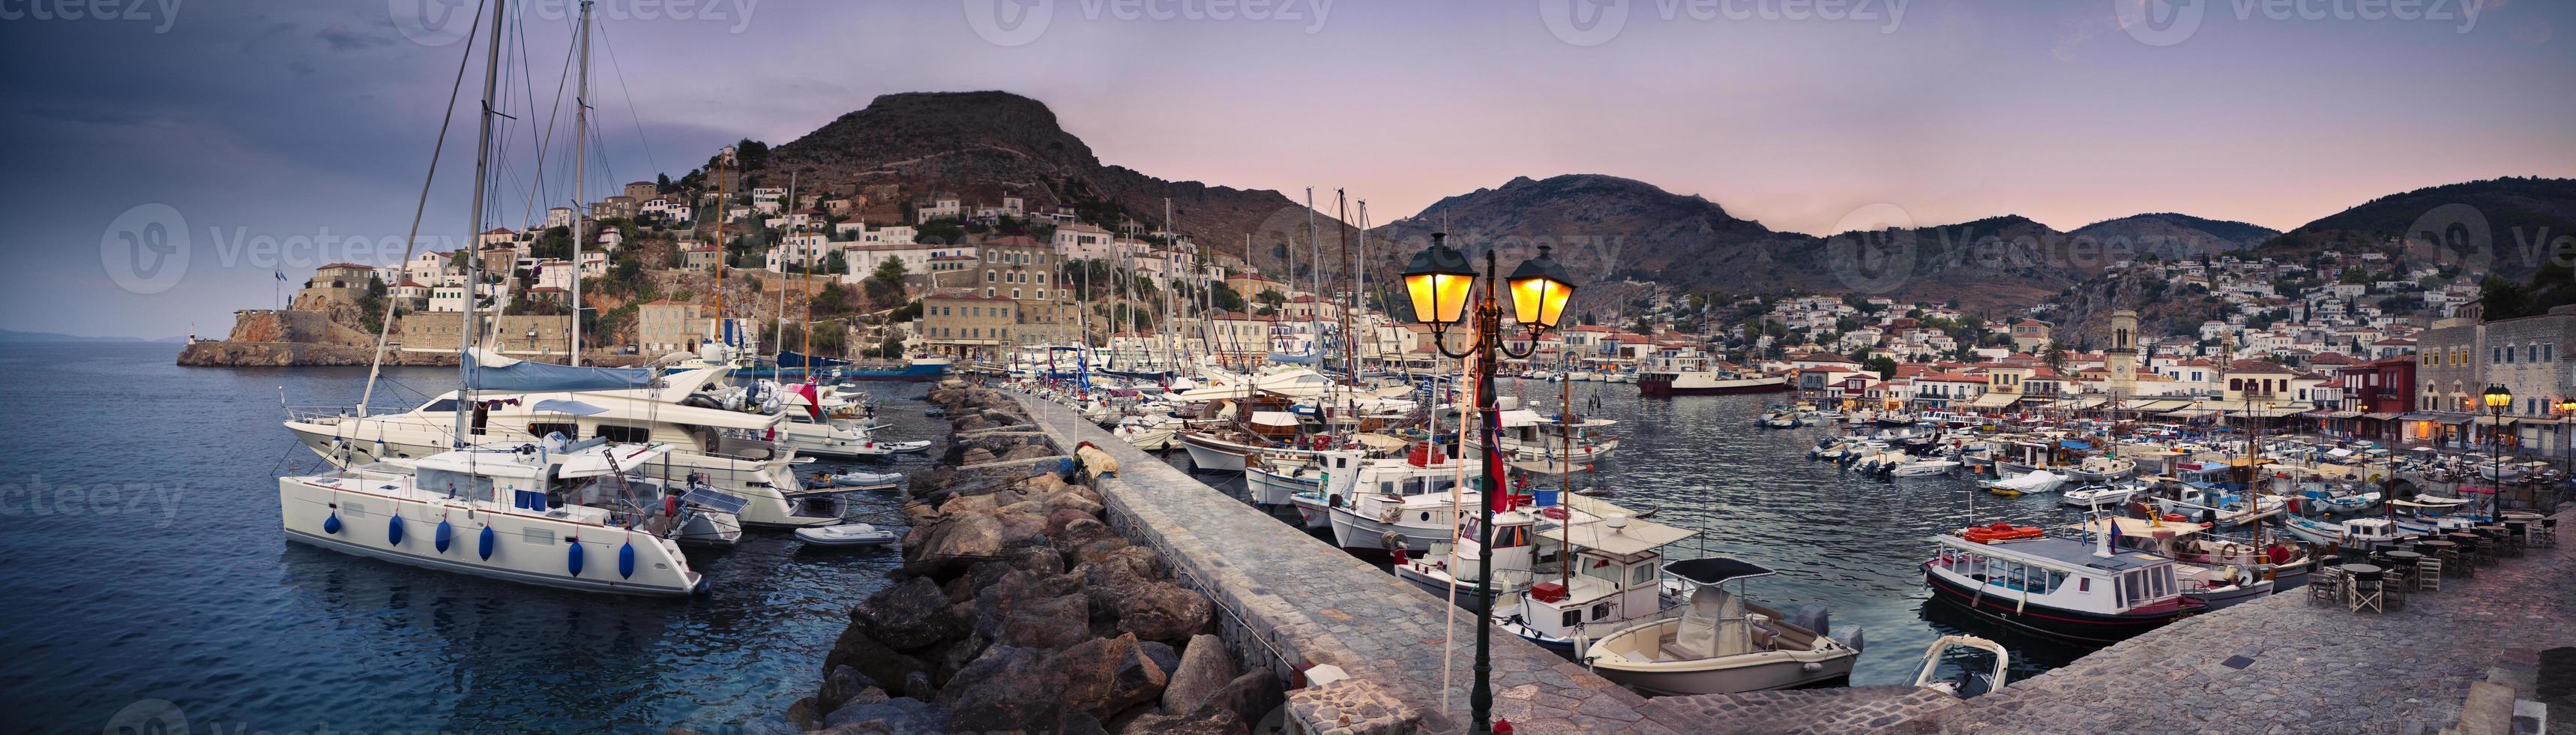 zonsondergang op de haven van Hydra foto